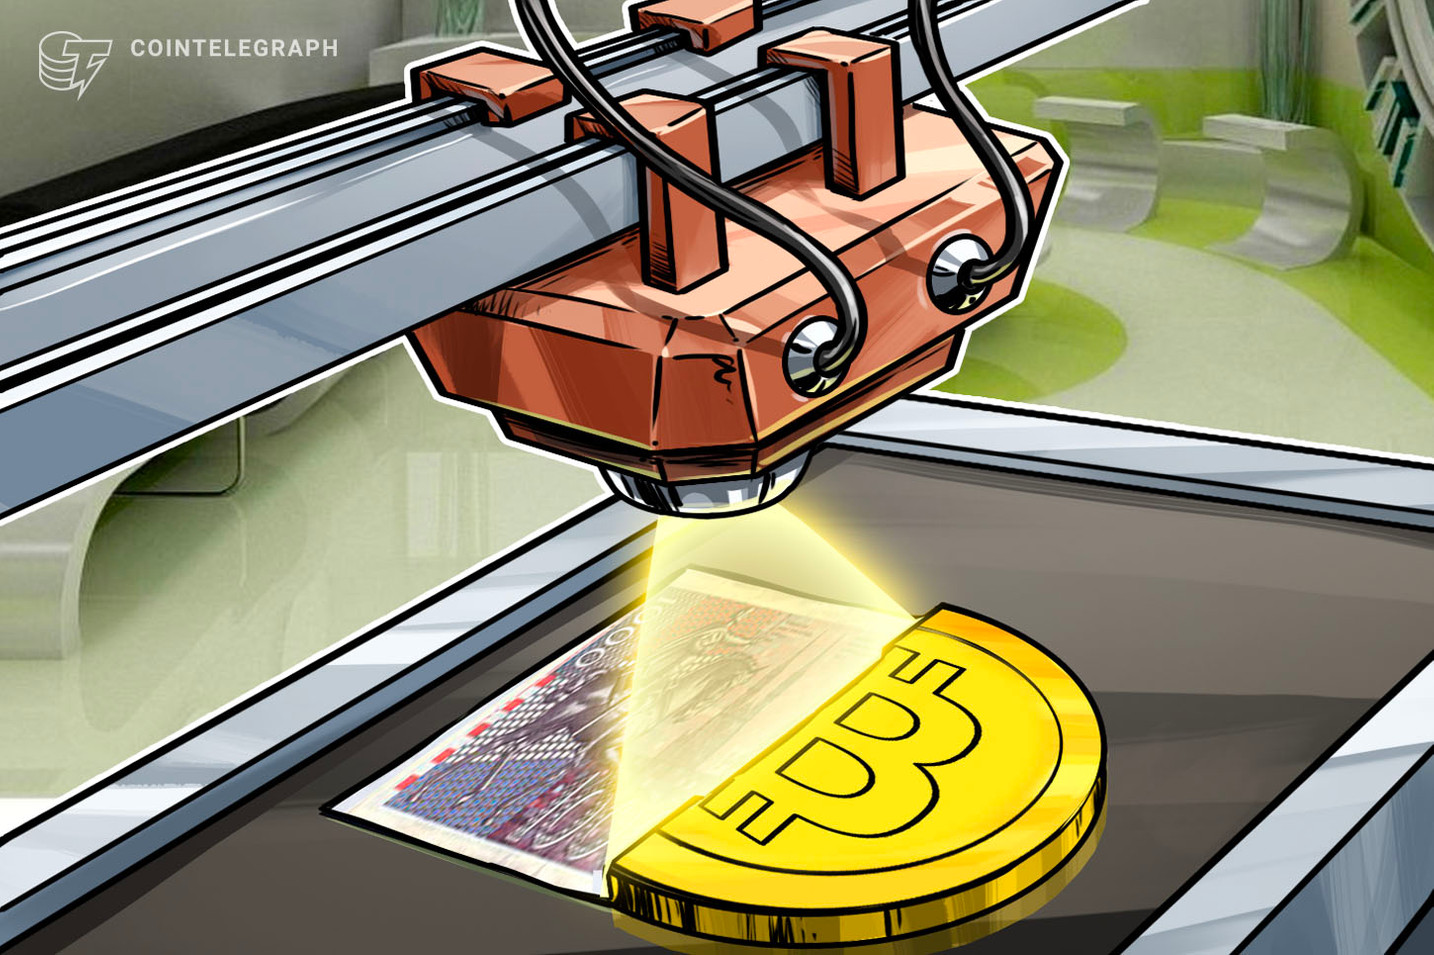 郵便局で仮想通貨を現金化 クロアチアで試験プロジェクト始まる | ビットコインやイーサリアム、XRPなど